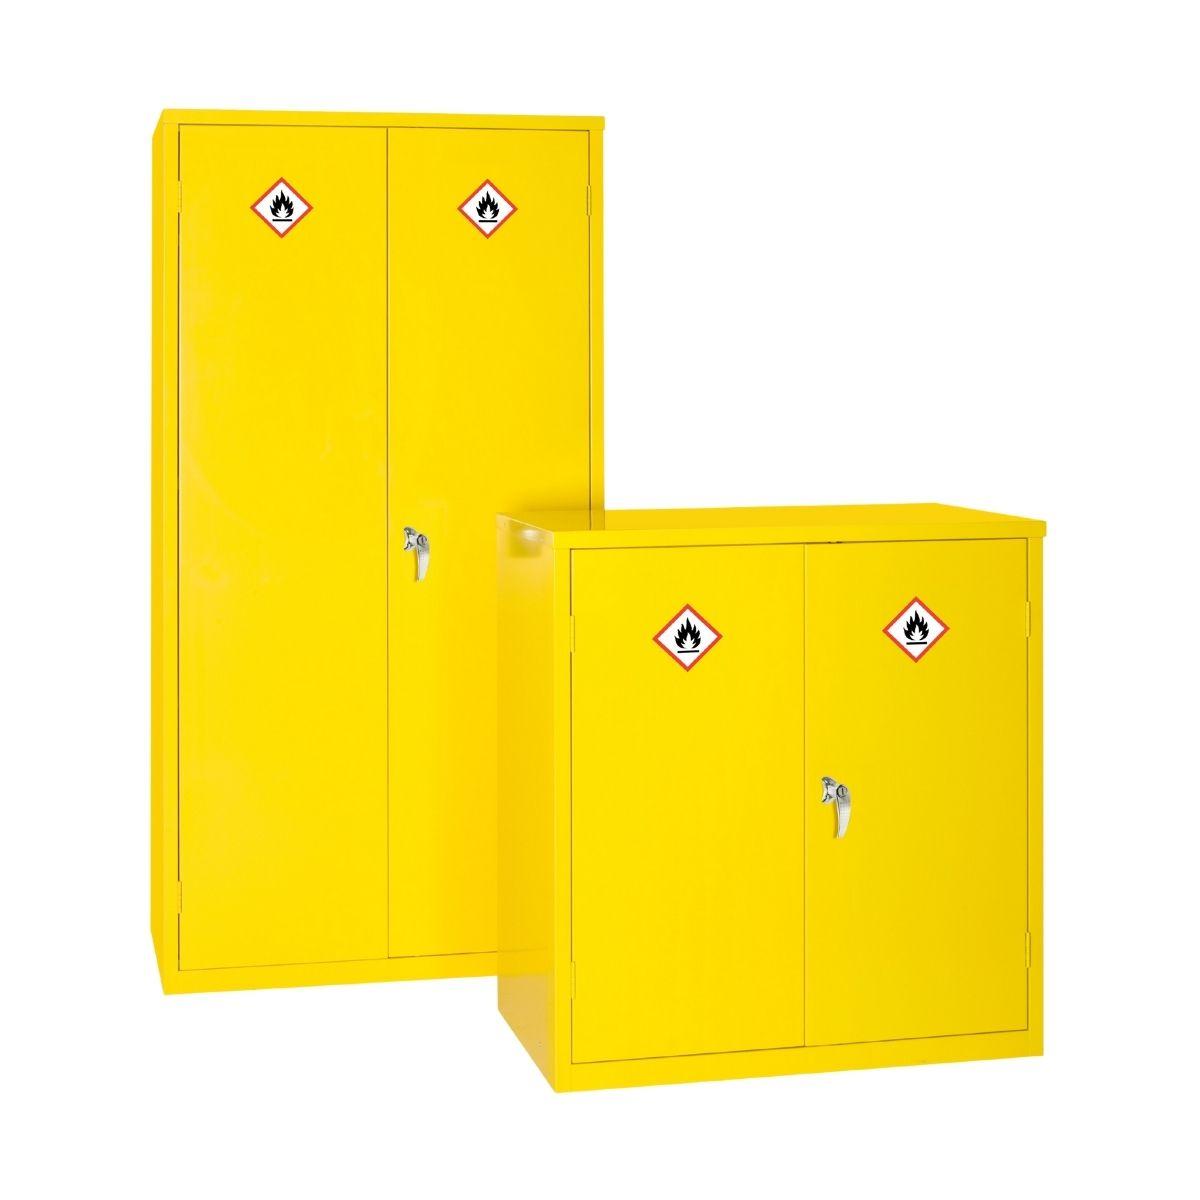 JP0043 Dangerous Substance Cabinets 1830 x 610 x 457